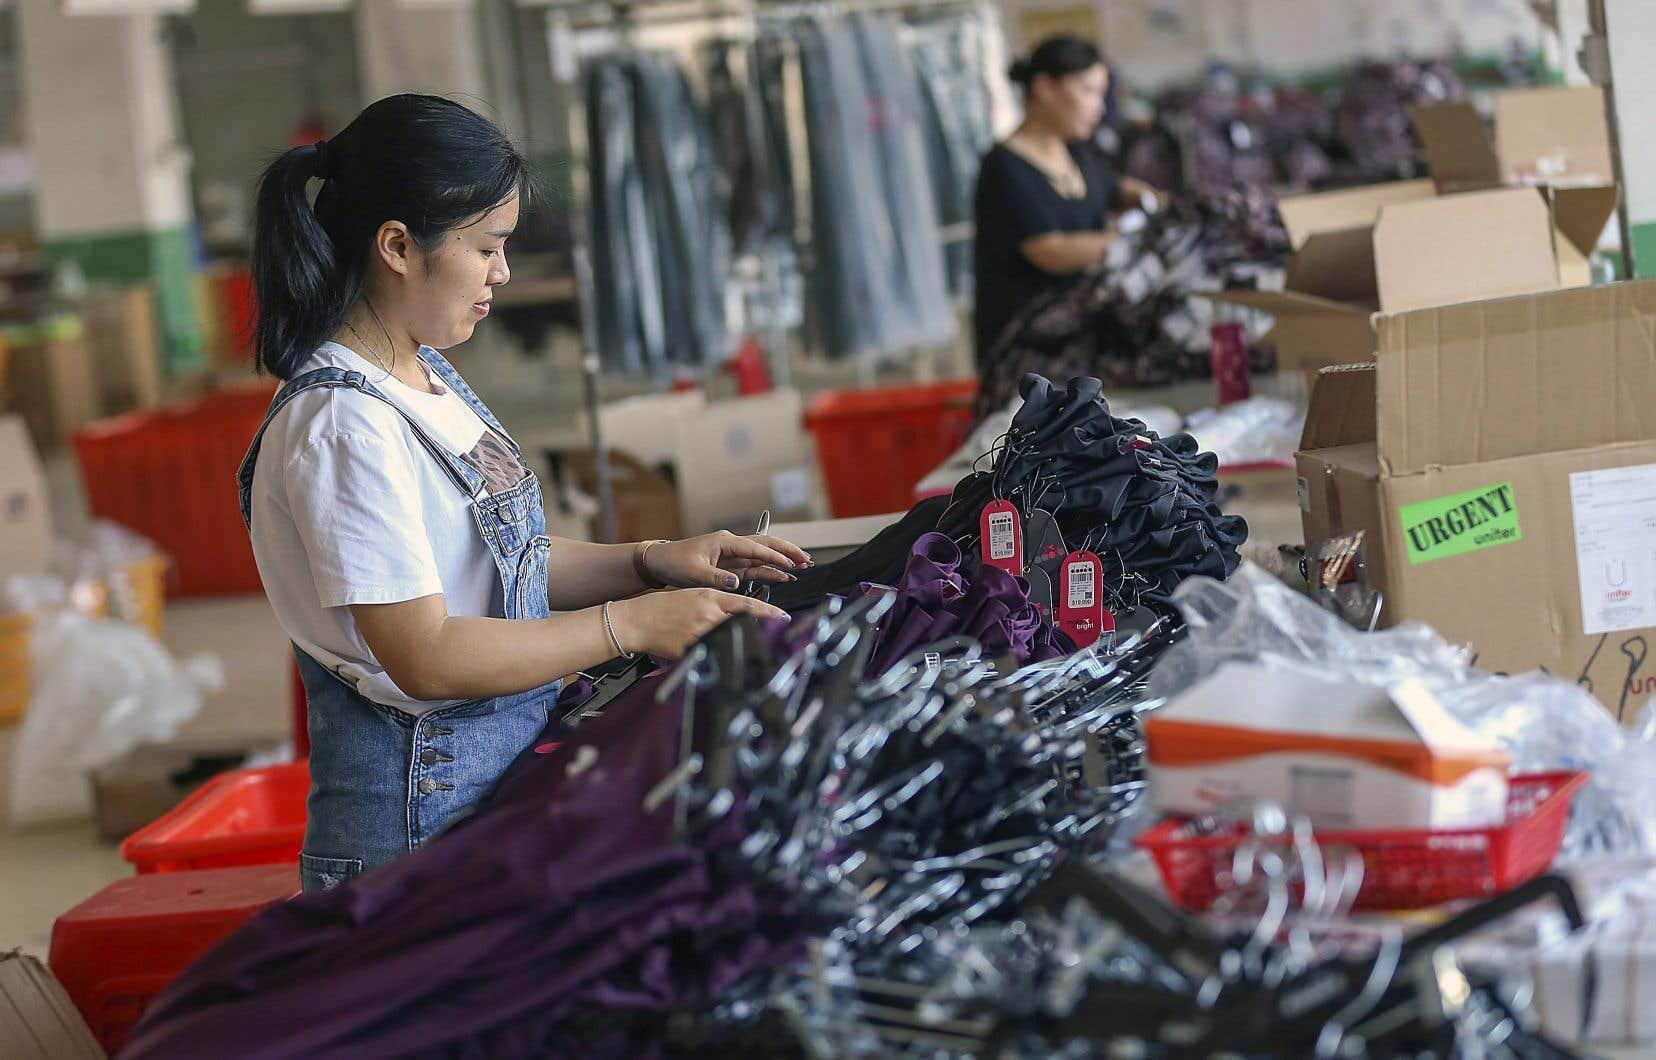 Les États-Unis seraient prêts à lever les tarifs de 15% appliqués sur certaines importations chinoises, notamment les vêtements, les appareils électroménagers et les écrans plats.